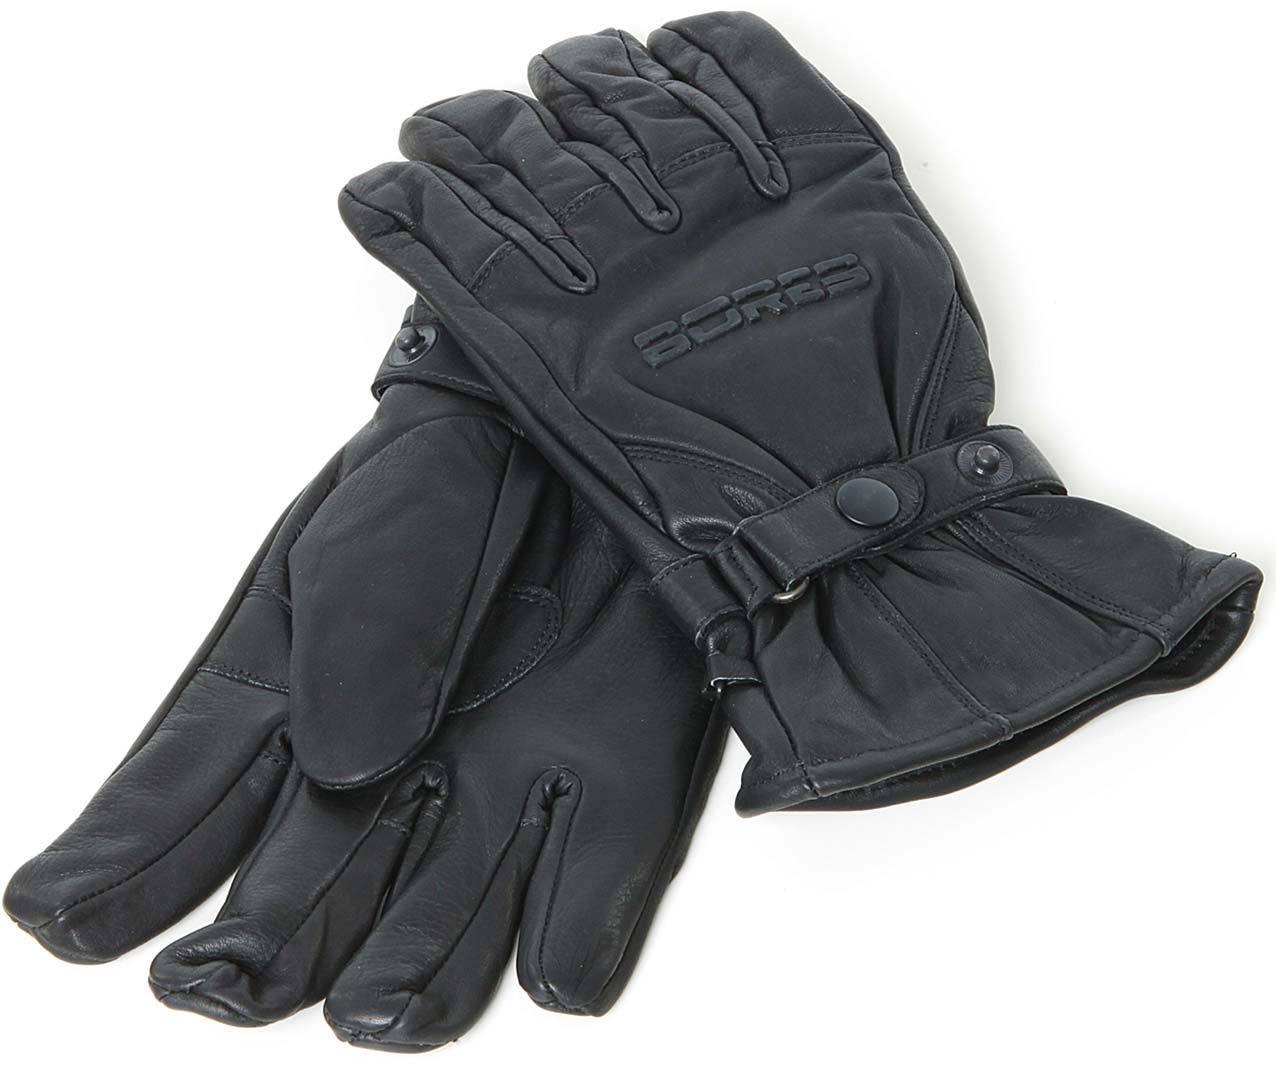 Bores Classico Handschuhe, schwarz, Größe M L, schwarz, Größe M L